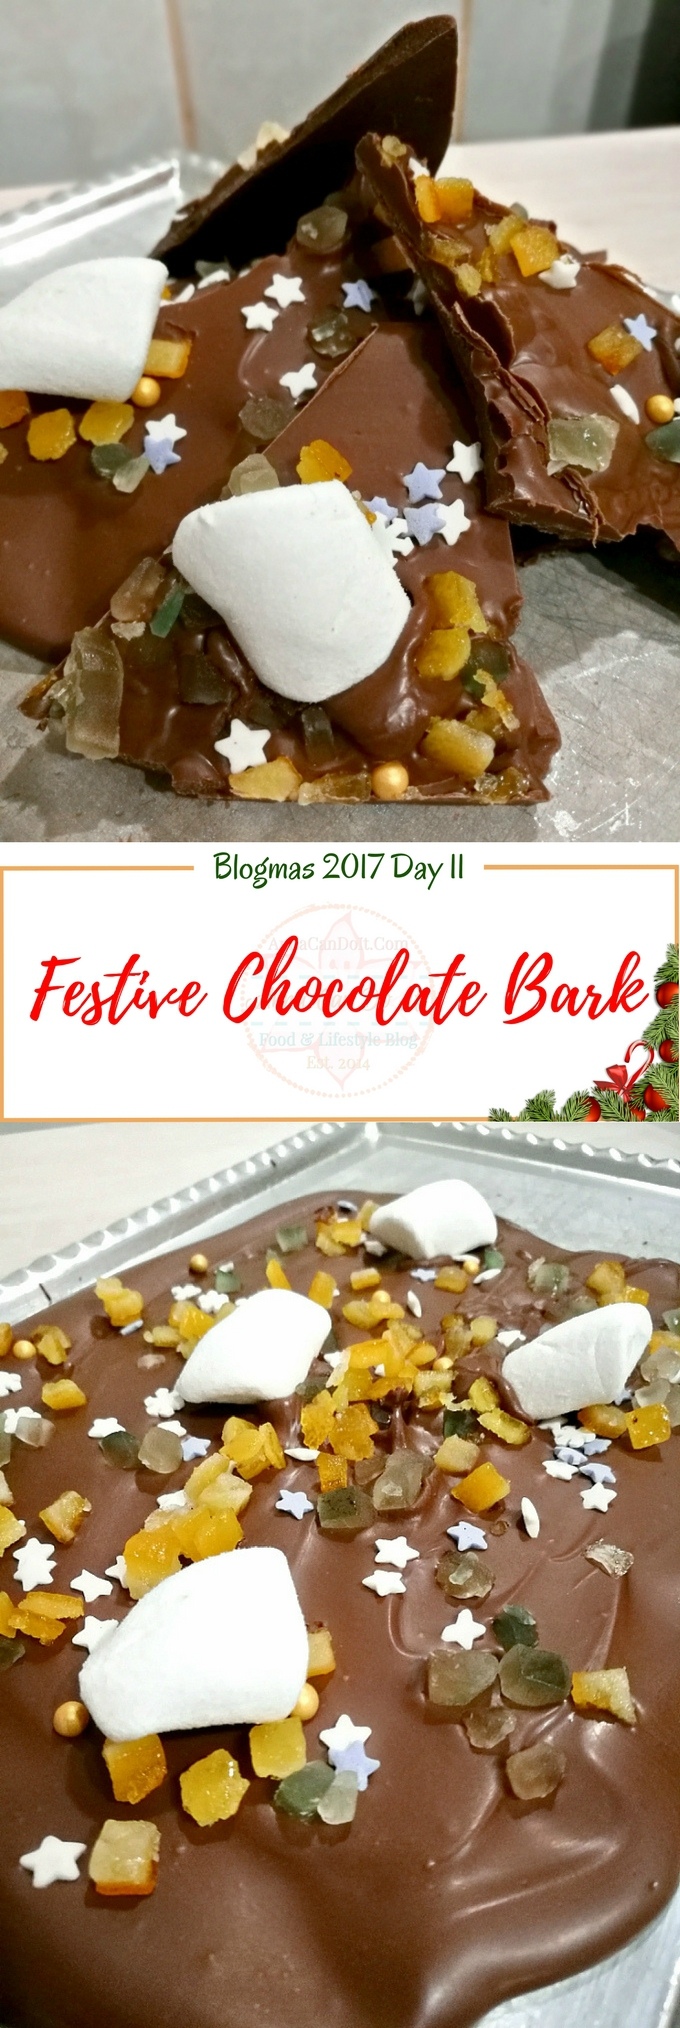 Festive Chocolate Bark - Blogmas 2017 Day 11 - Anna Can Do It!